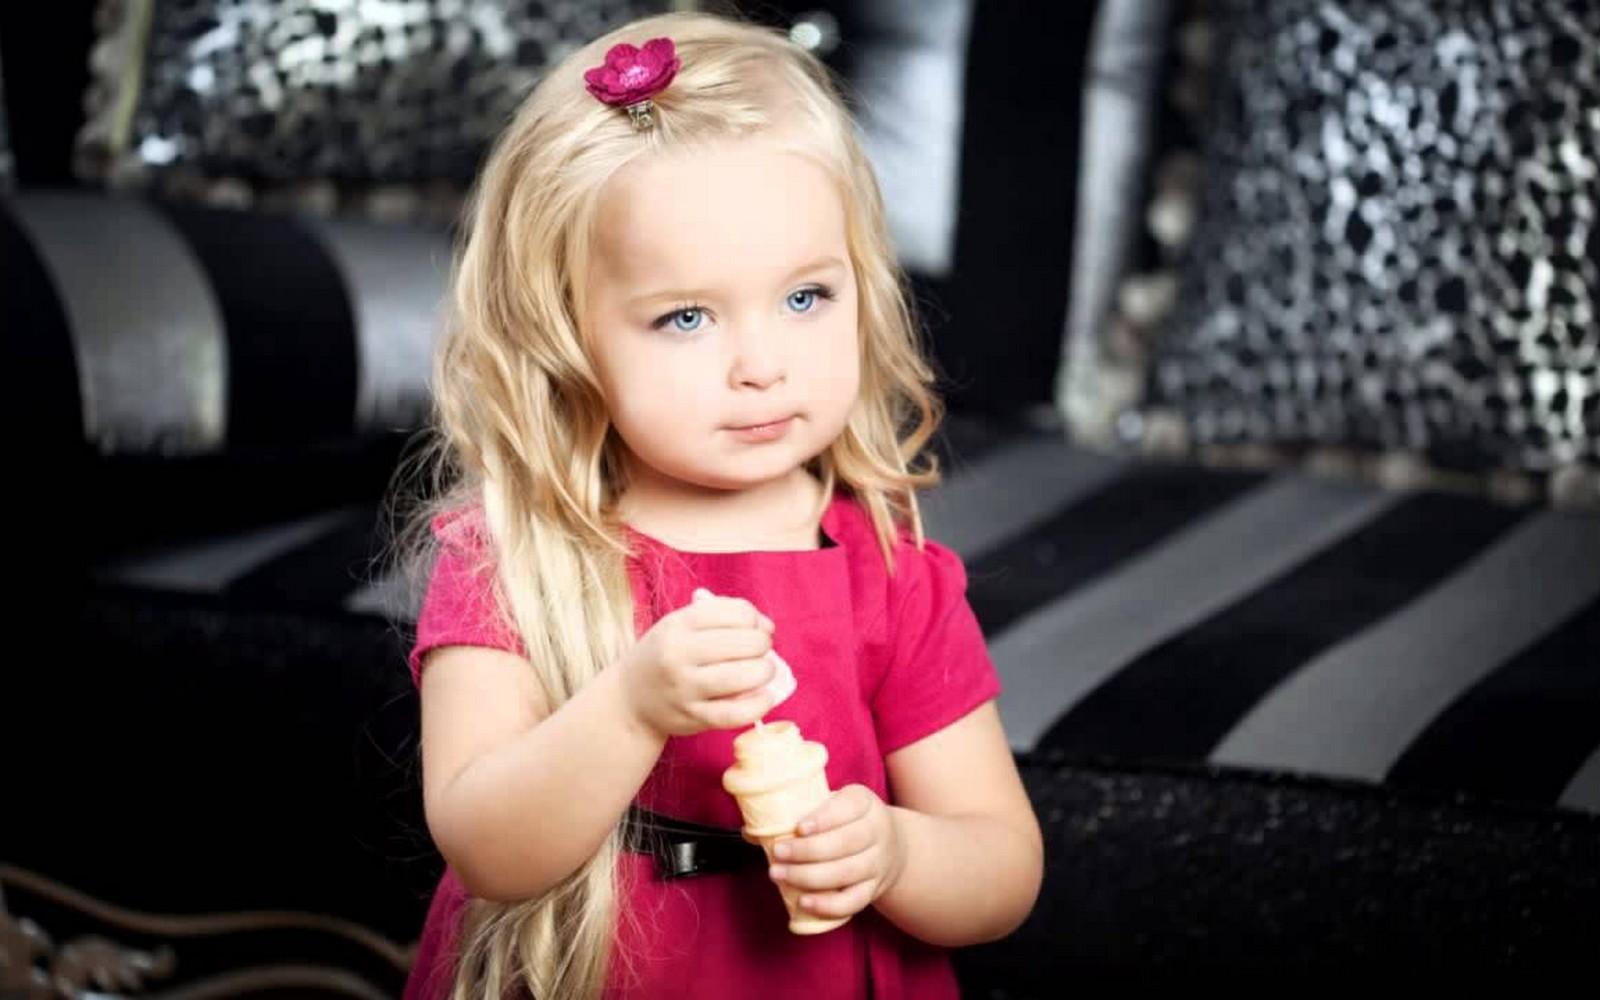 بالصور اجمل بنات كيوت , صور جميله لبنات كيوت 4701 11